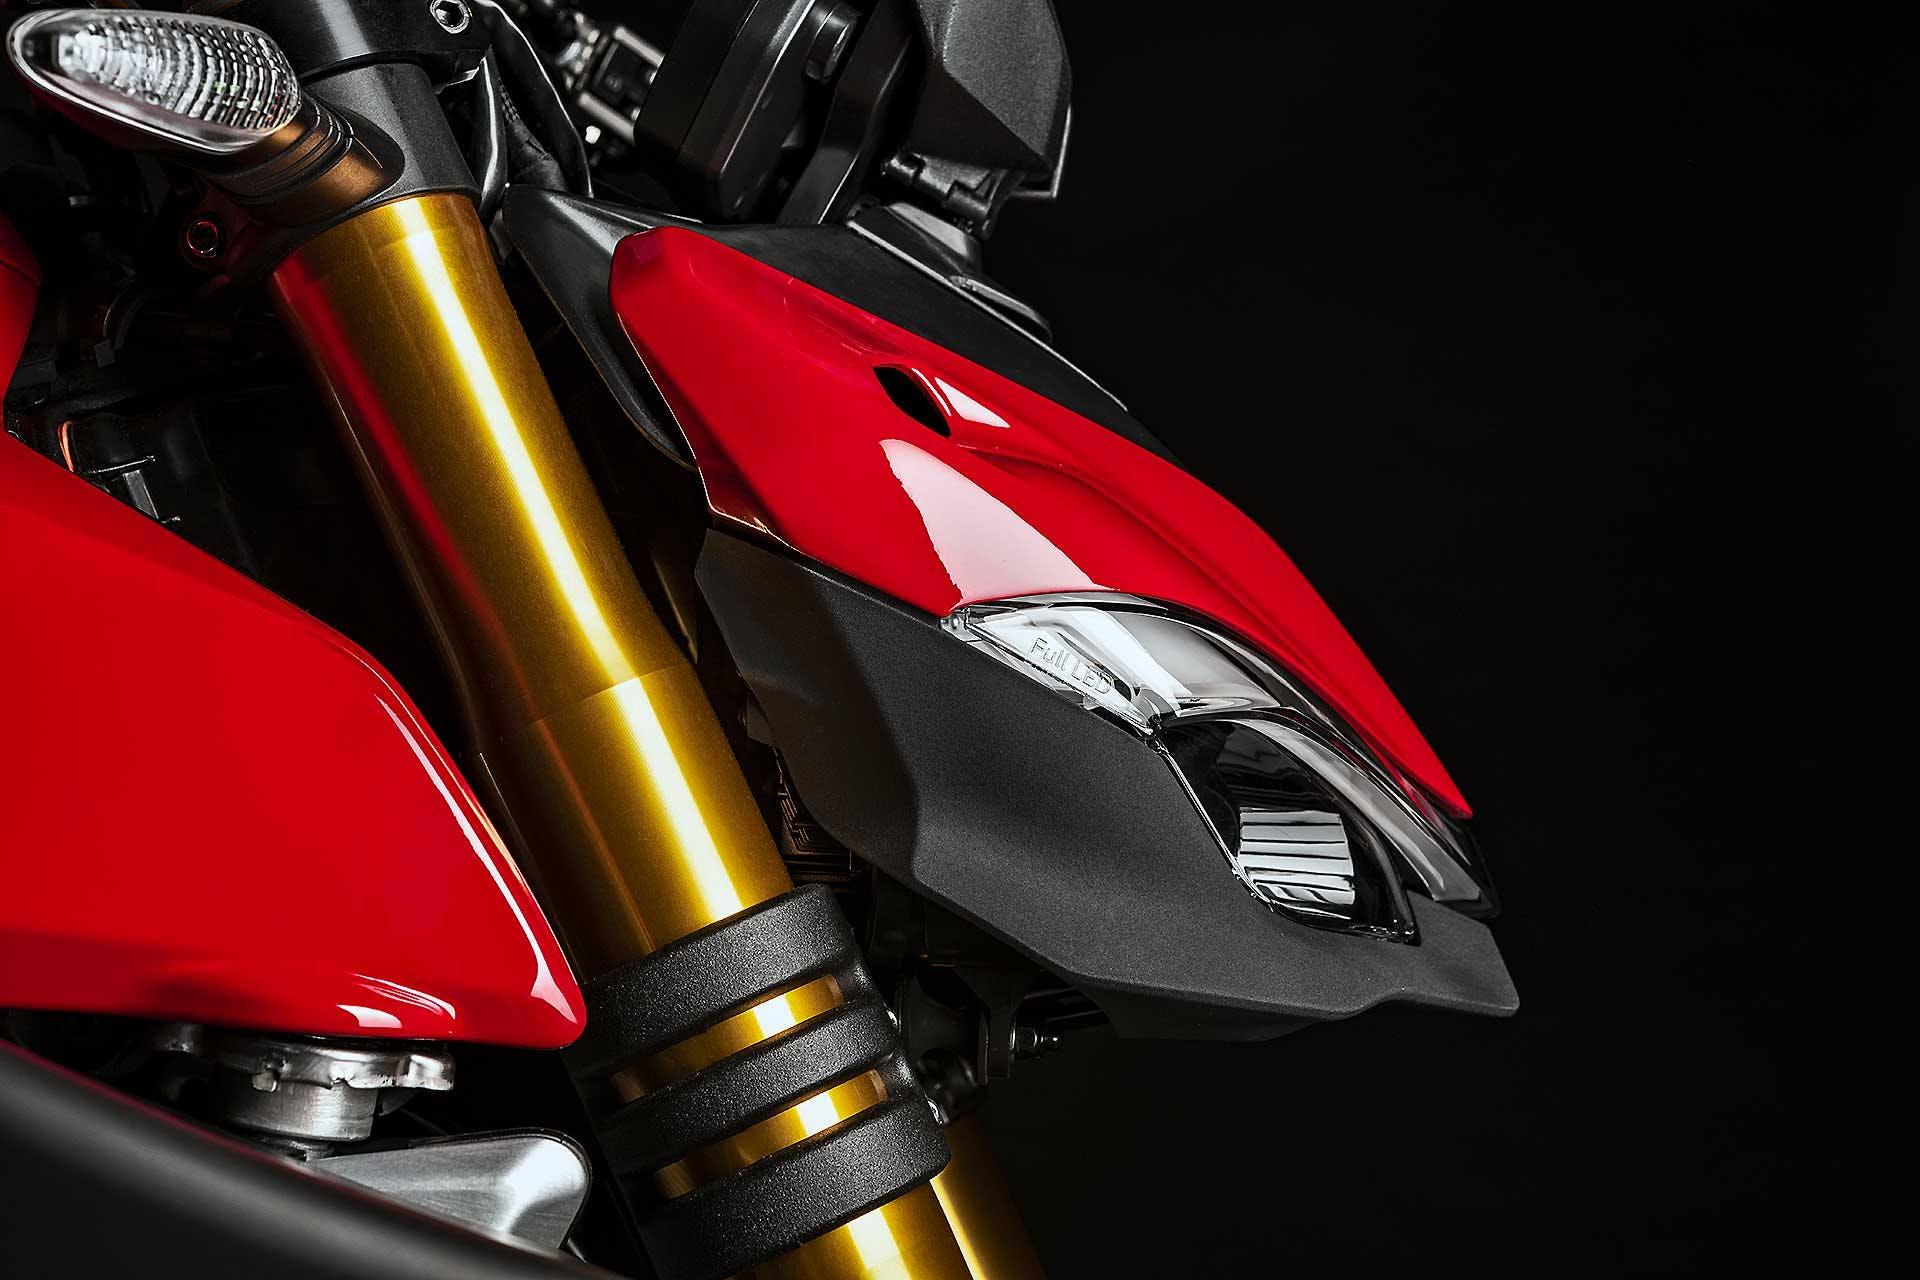 Ducati Streetfighter V4 particolare muso studio fondo nero